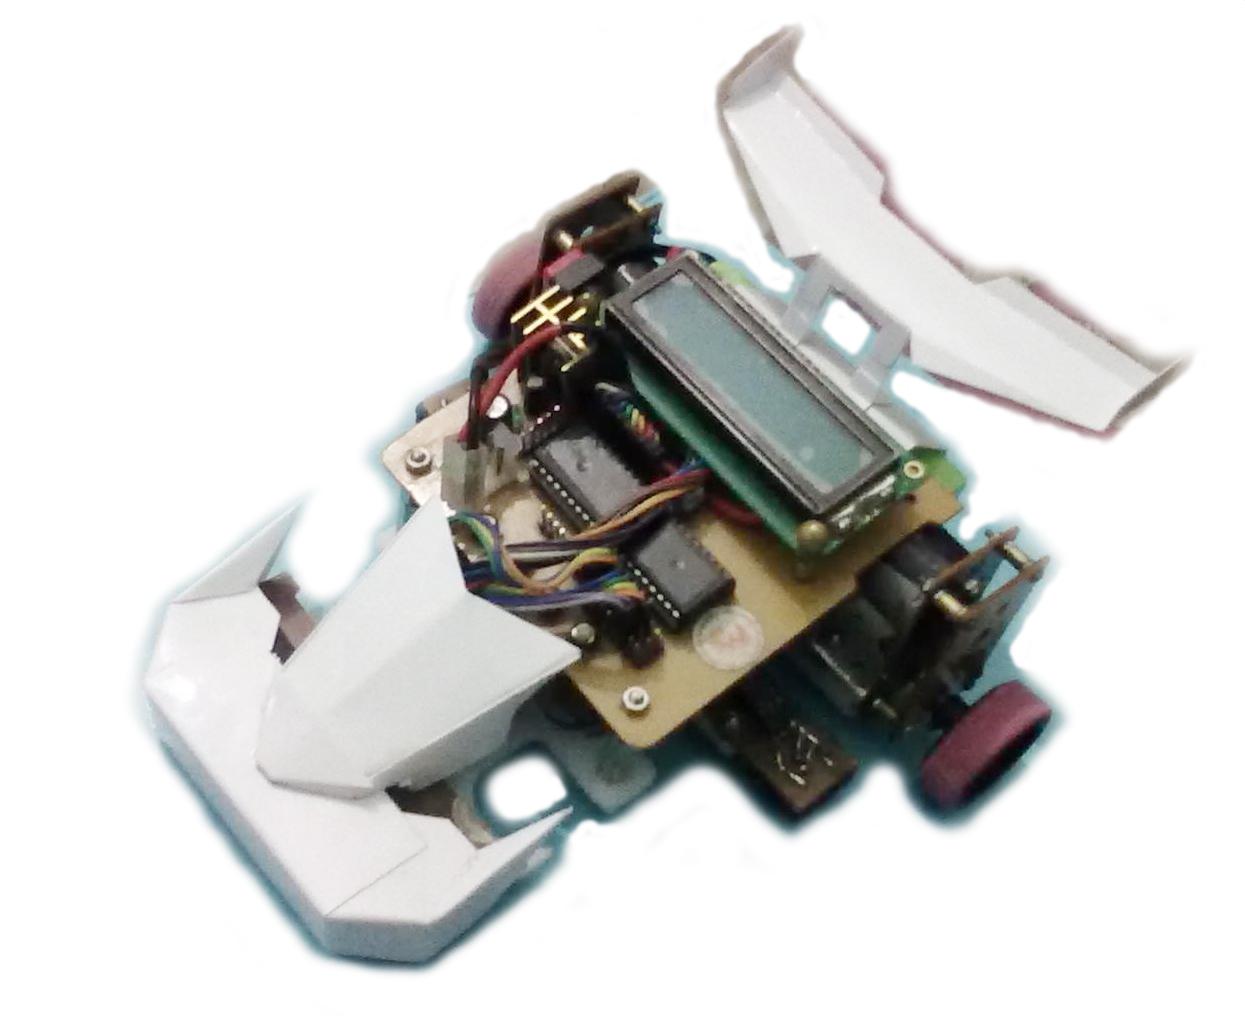 Joe4cva Arcs Electronics Think As A Scientist Do An Ds1307 Adalah Sebuah Icintegrated Circuit Jenis Rtcreal Time Clock Berikut Spesifikasi